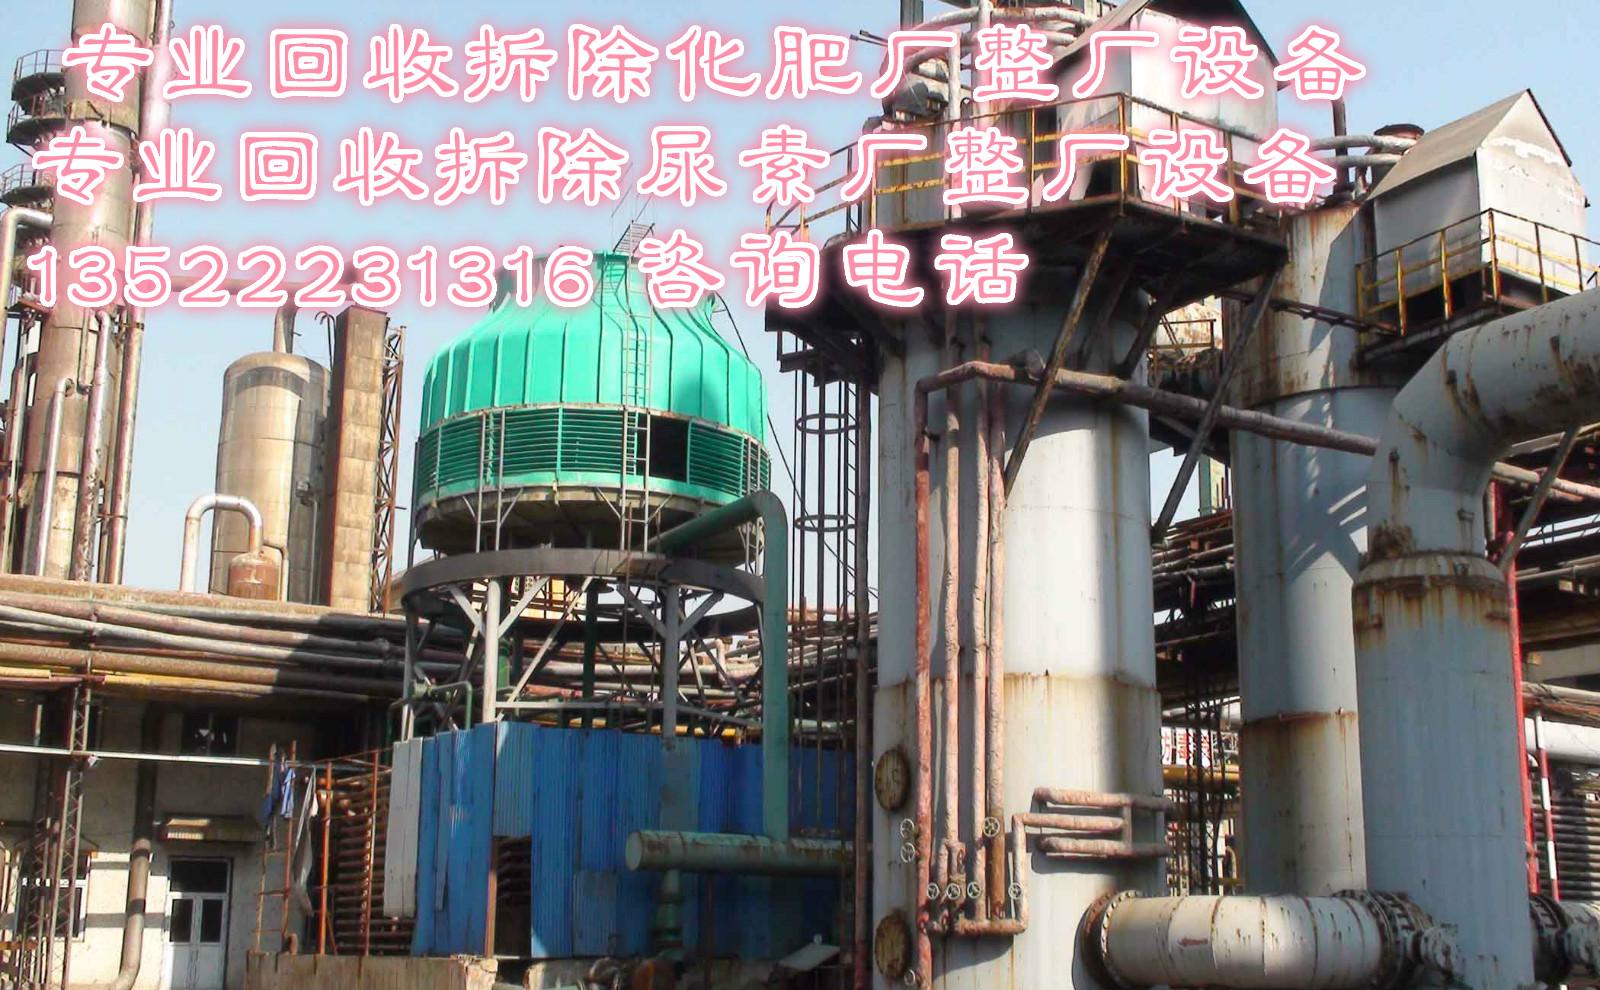 有些单位公司咨询我为什么厂子设备回收都降价了为啥化工厂制药厂设备回收高